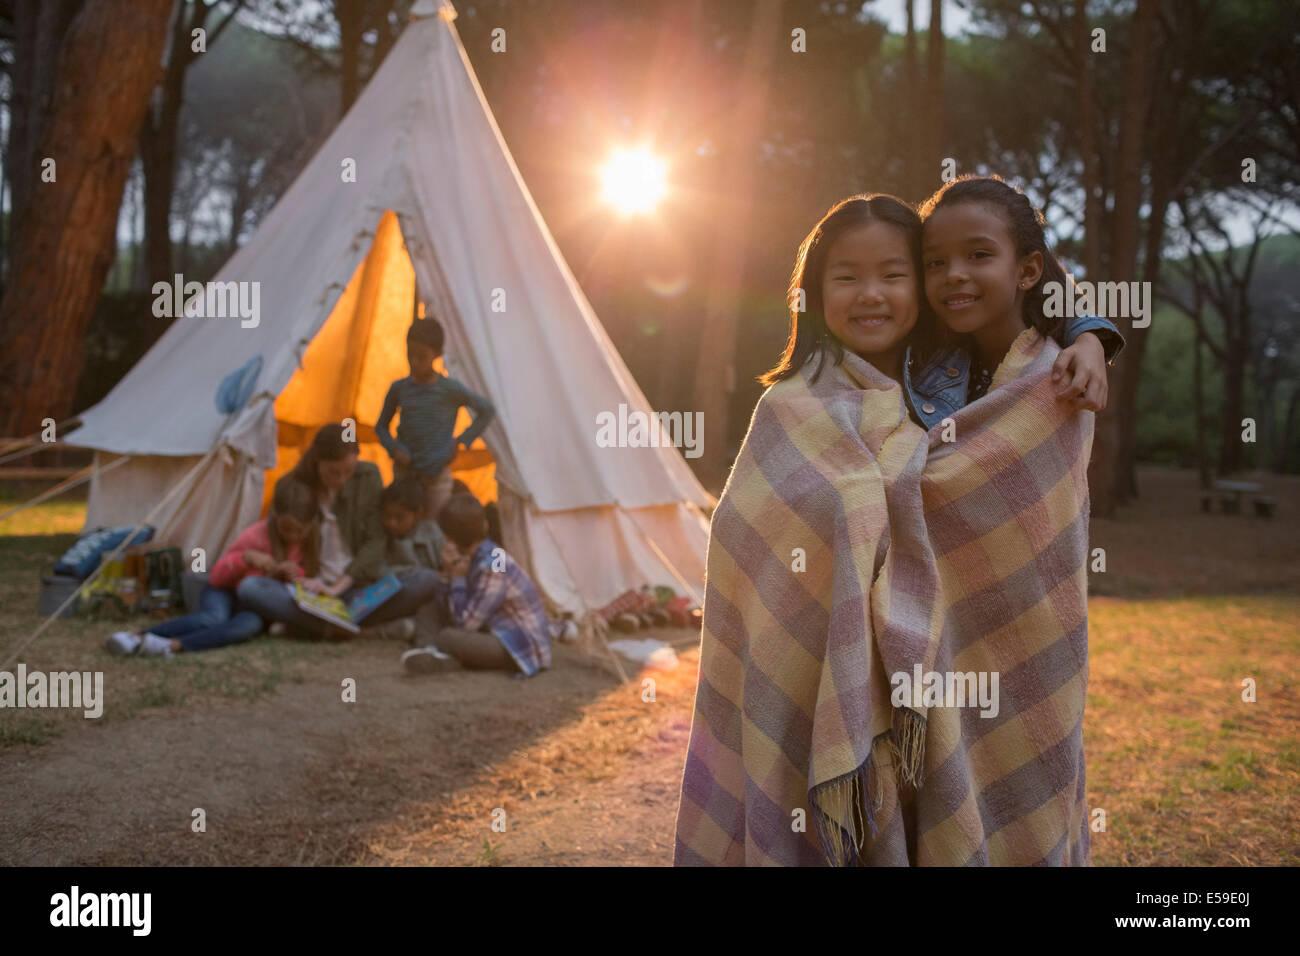 Les filles enveloppé dans une couverture de camping Photo Stock